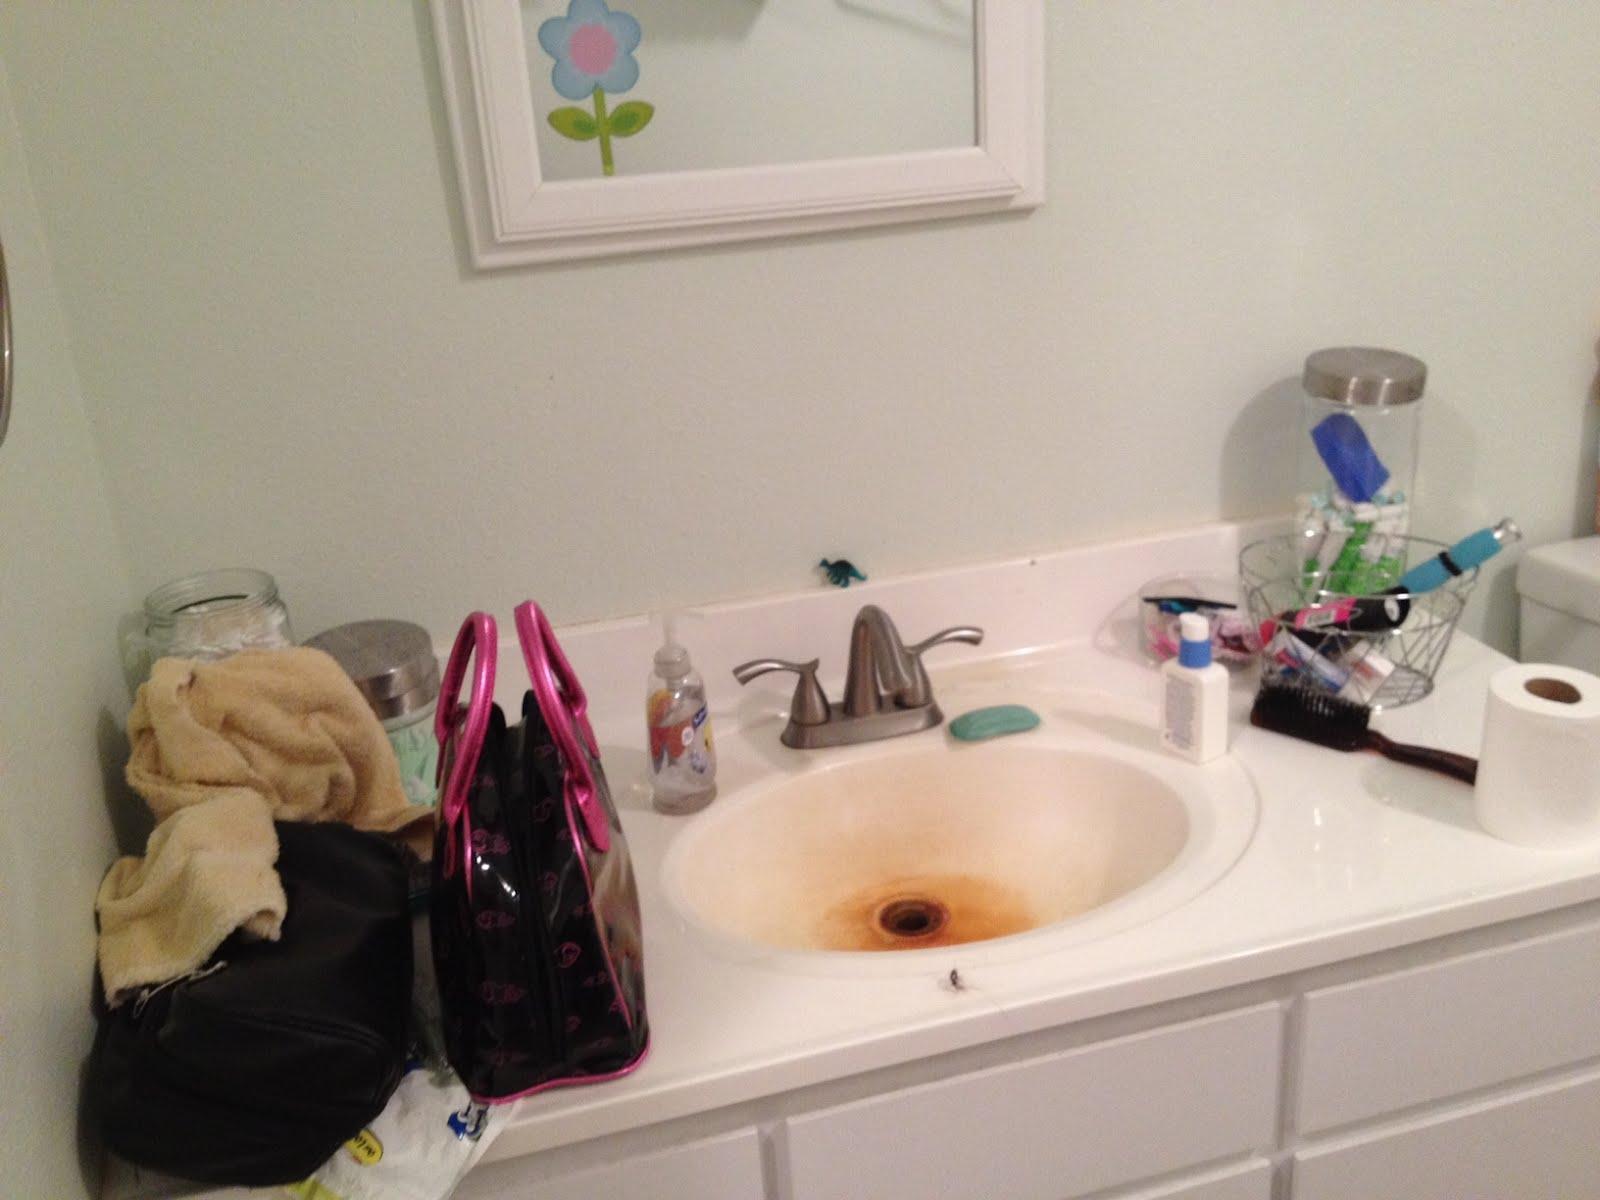 Loftee ideas bathroom clean up for Bathroom cleaning ideas